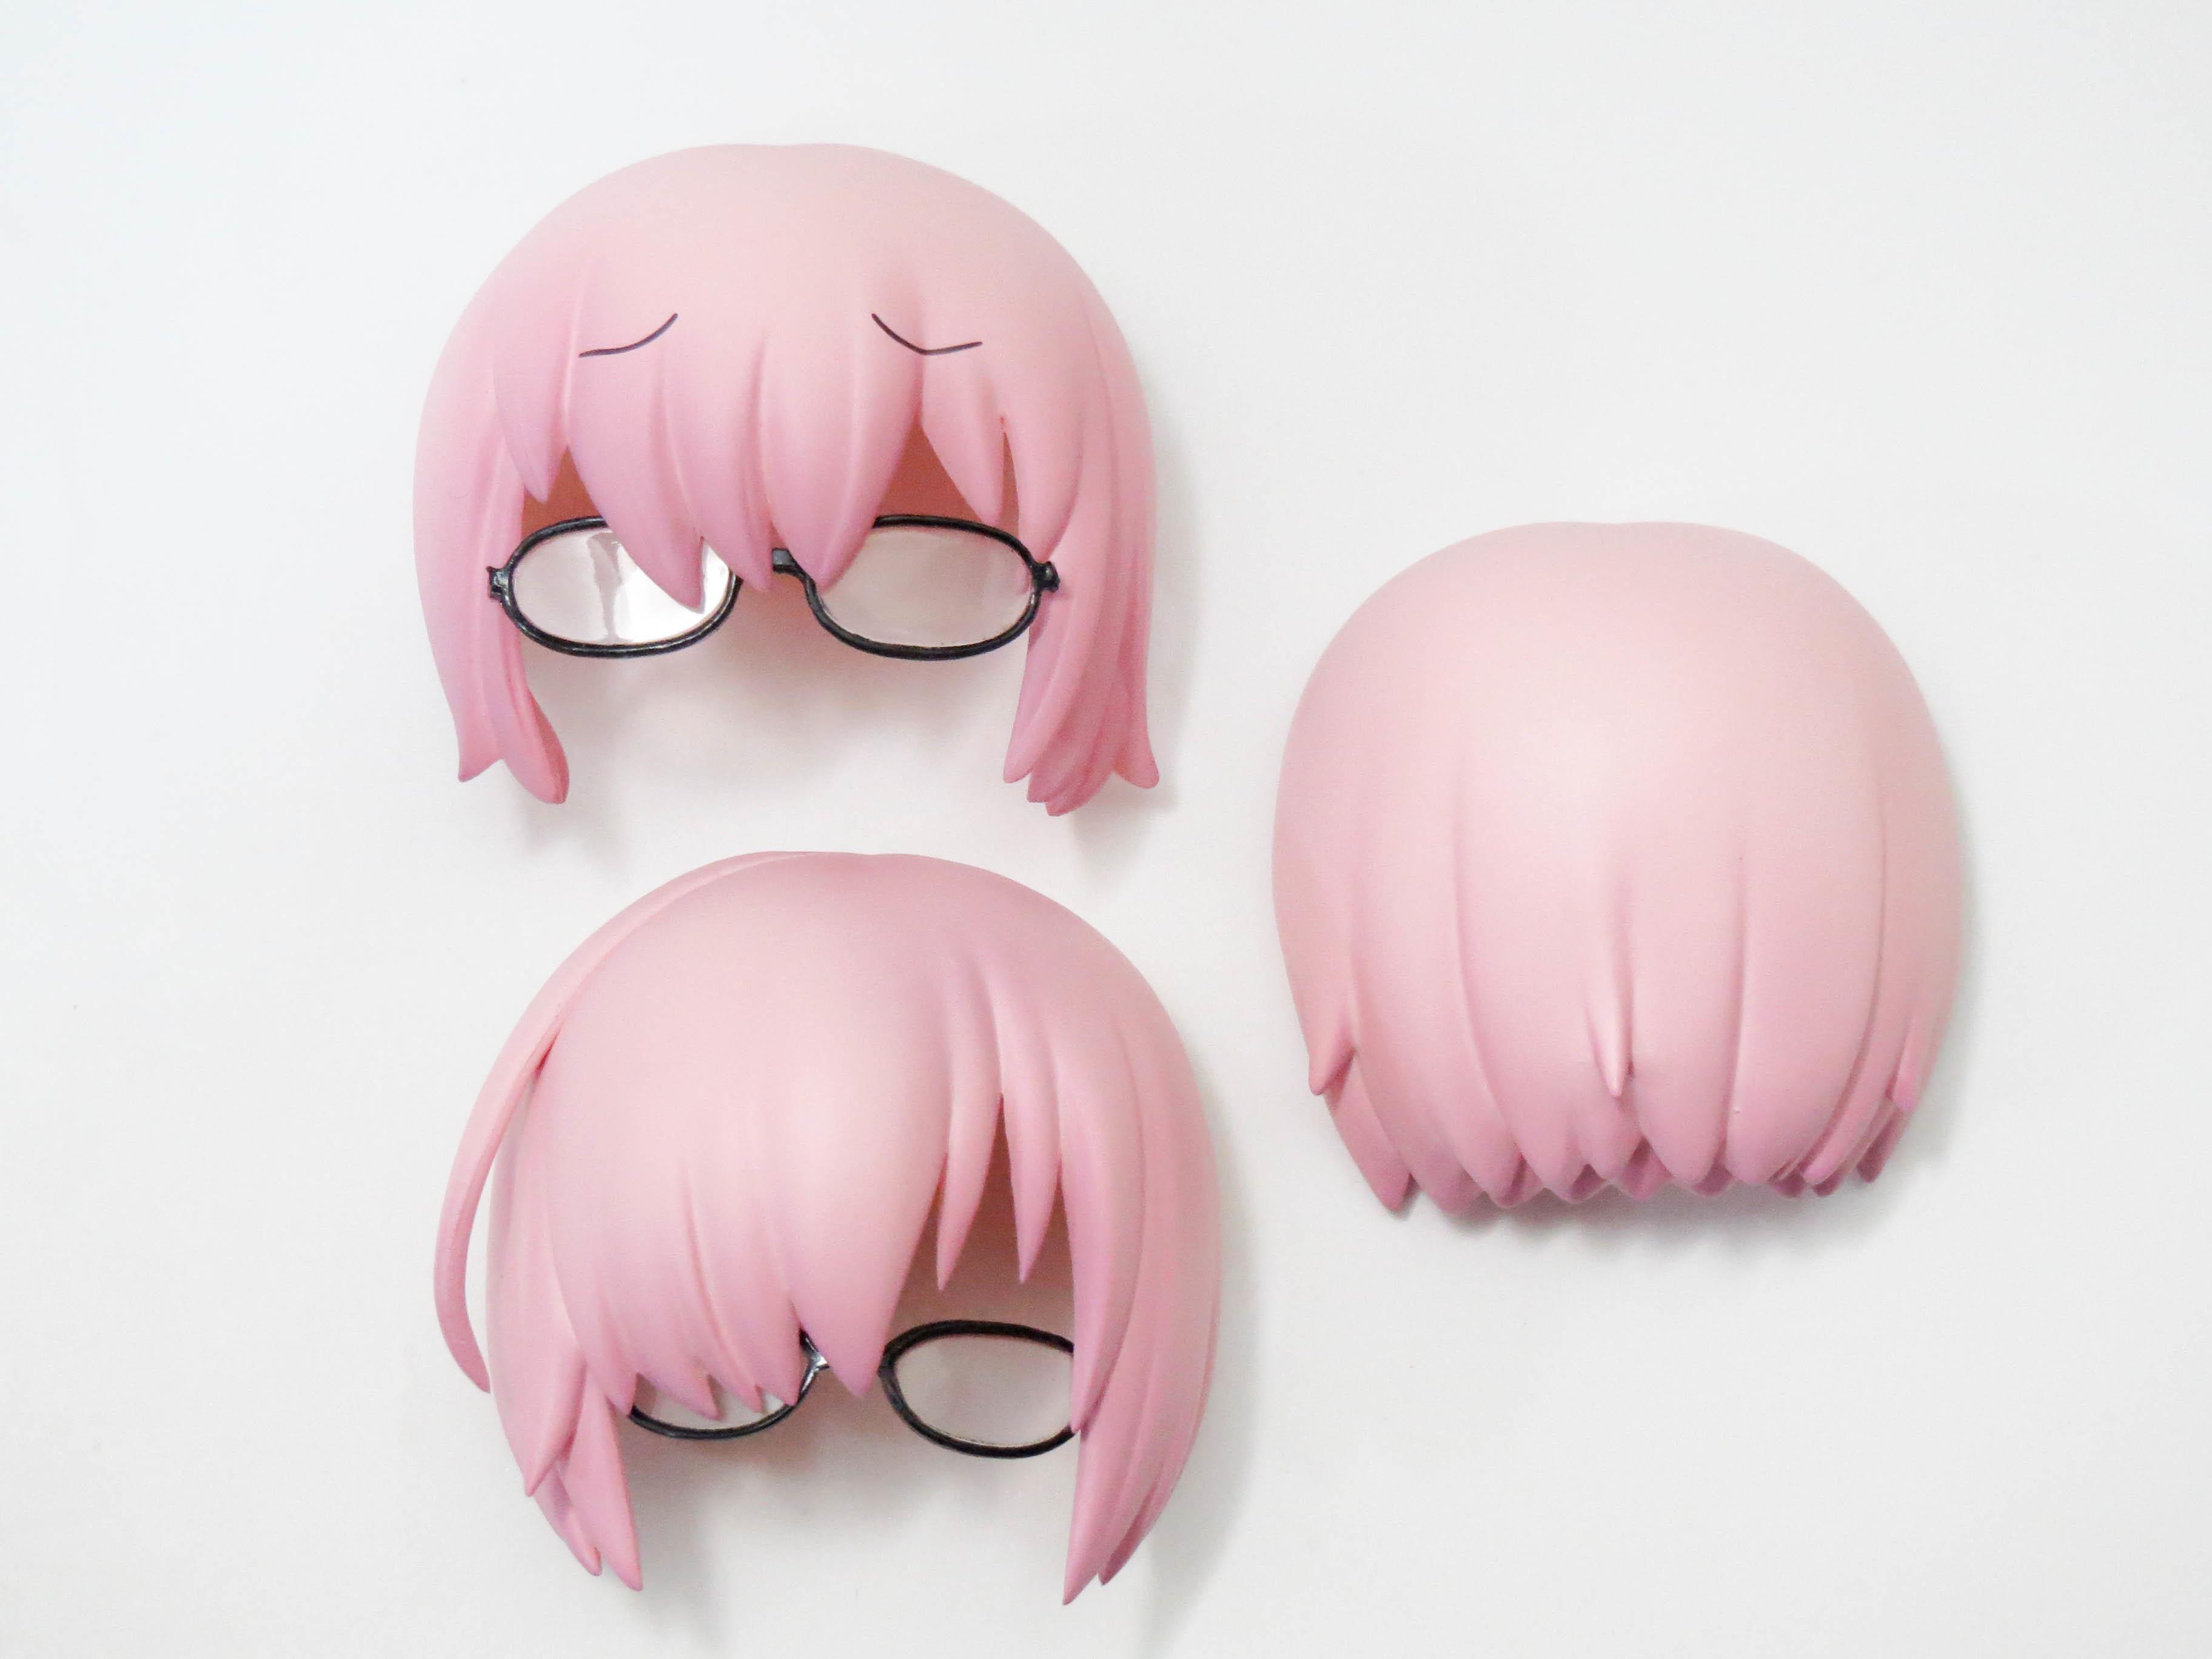 【941】 マシュ・キリエライト 私服Ver. 髪パーツ メガネ付きショート ねんどろいど